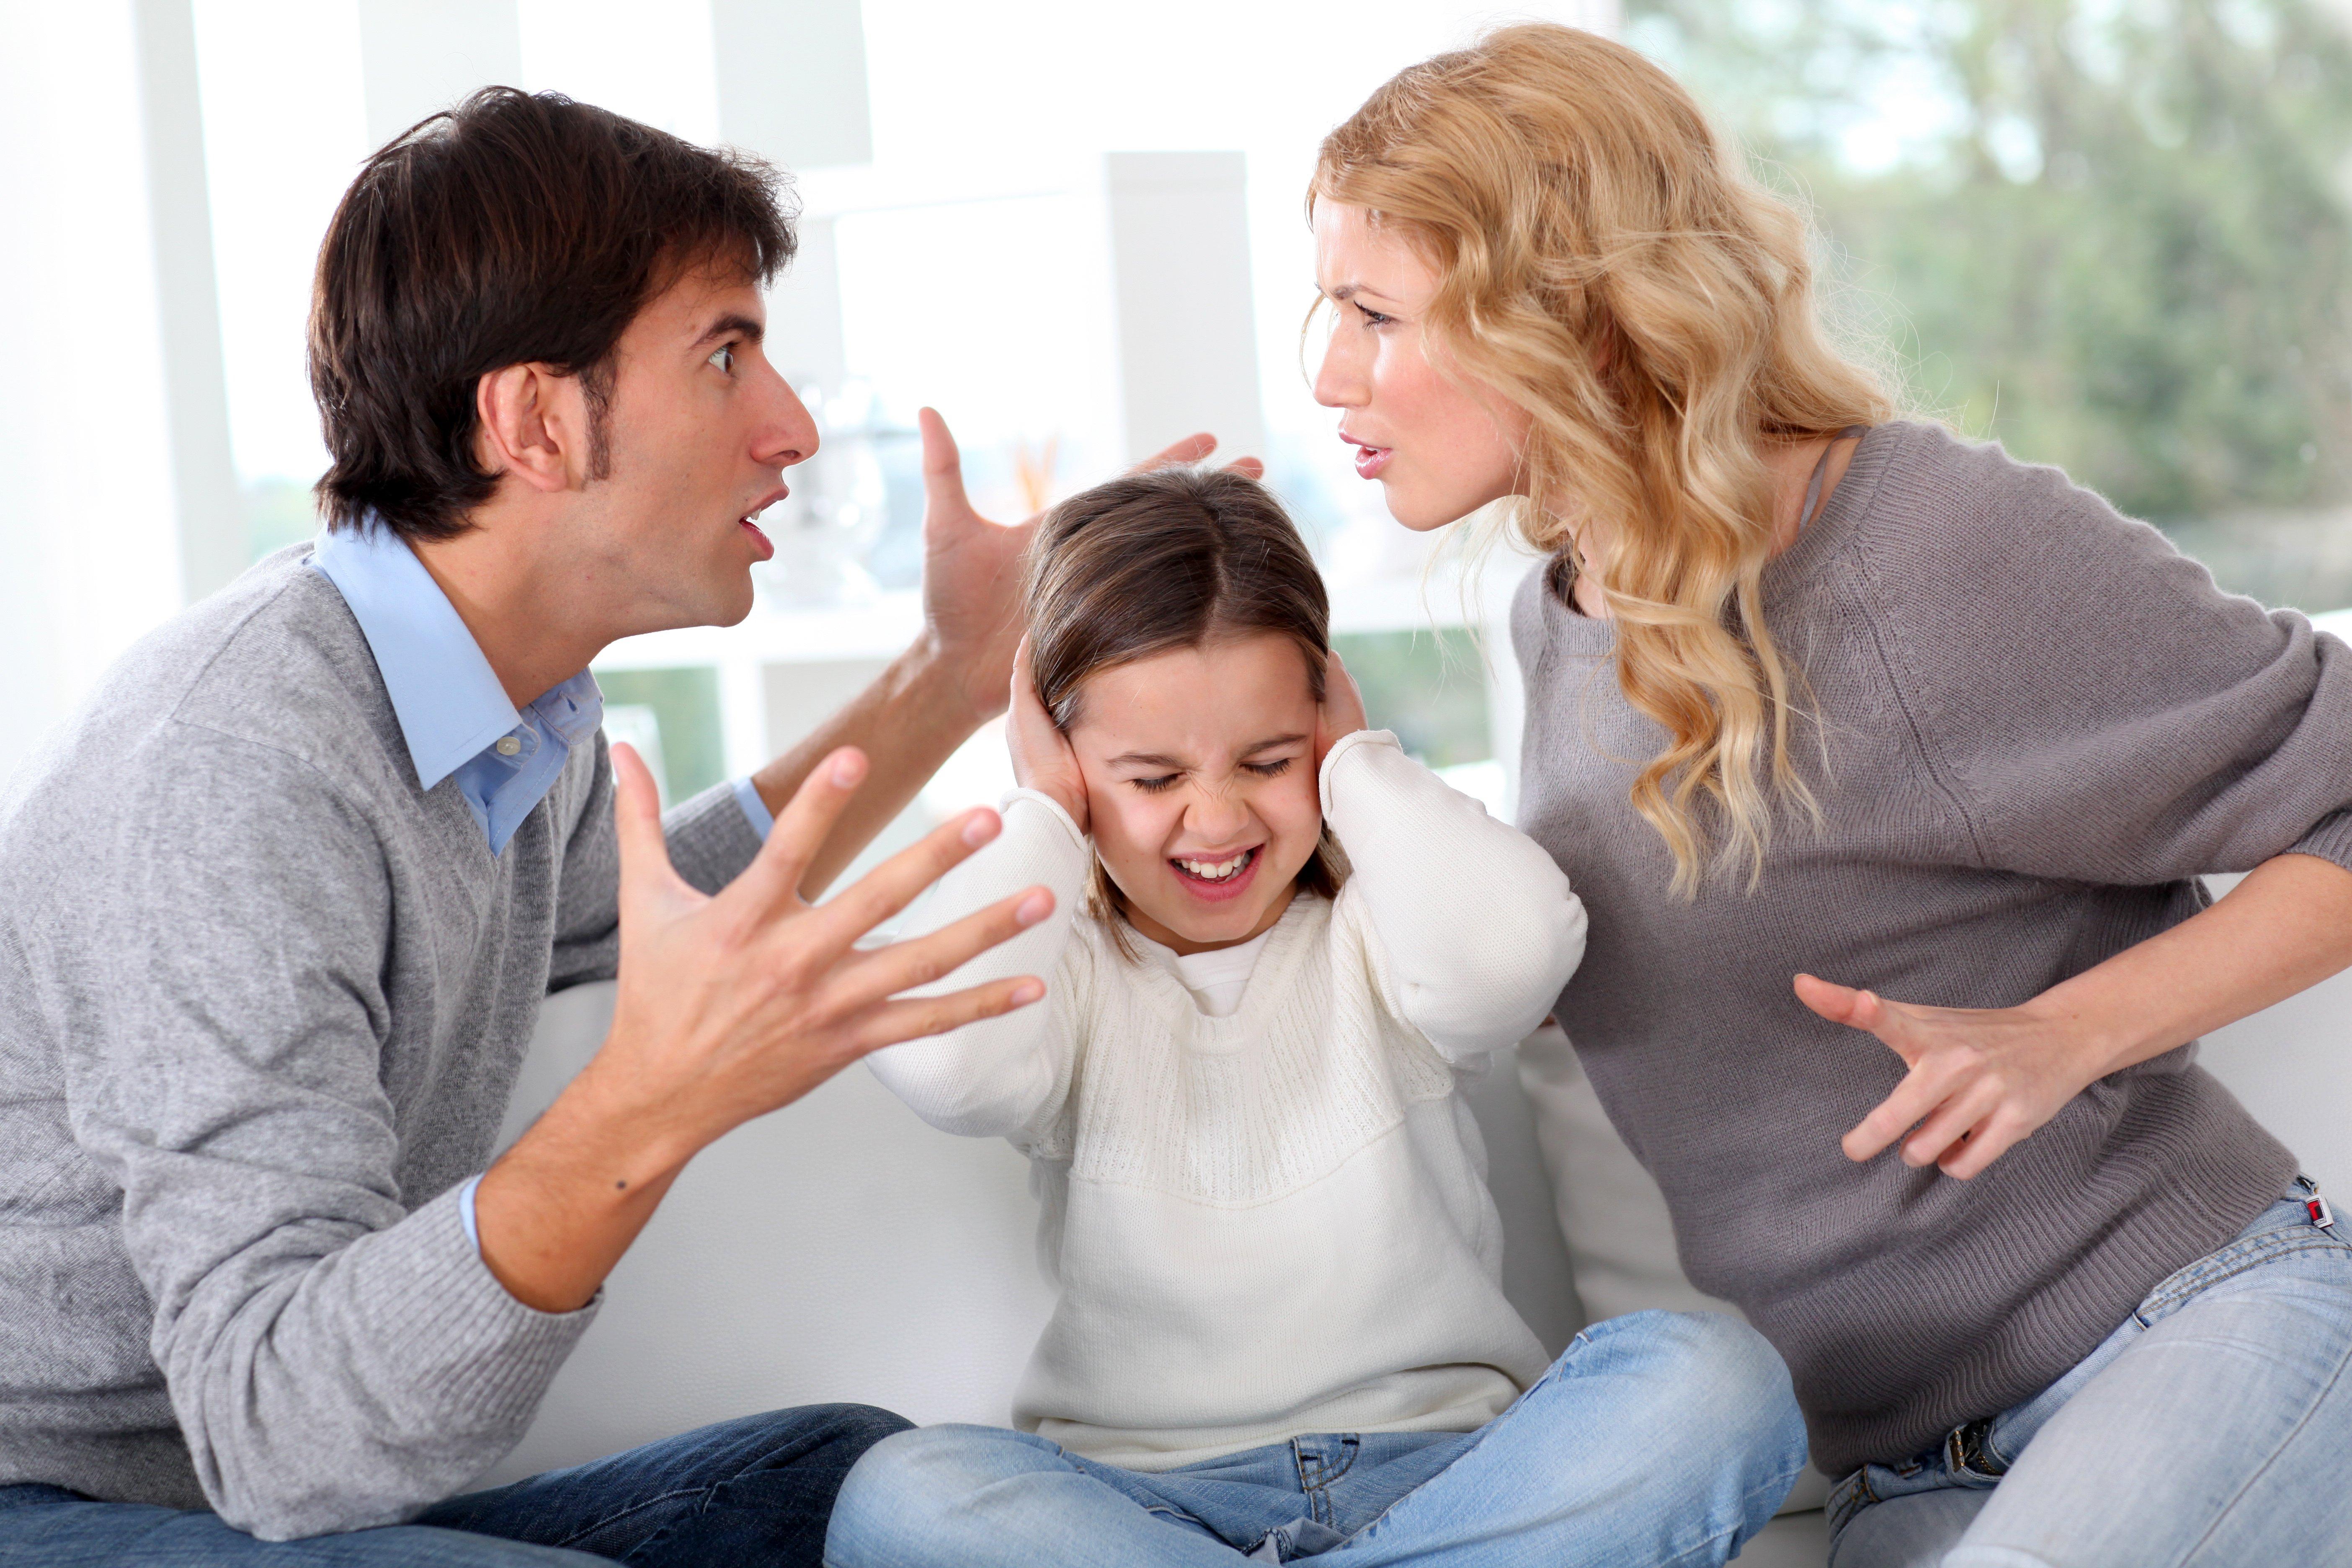 Konflikte Lösen In Der Familie Tipps Für Ein Harmonisches Miteinander